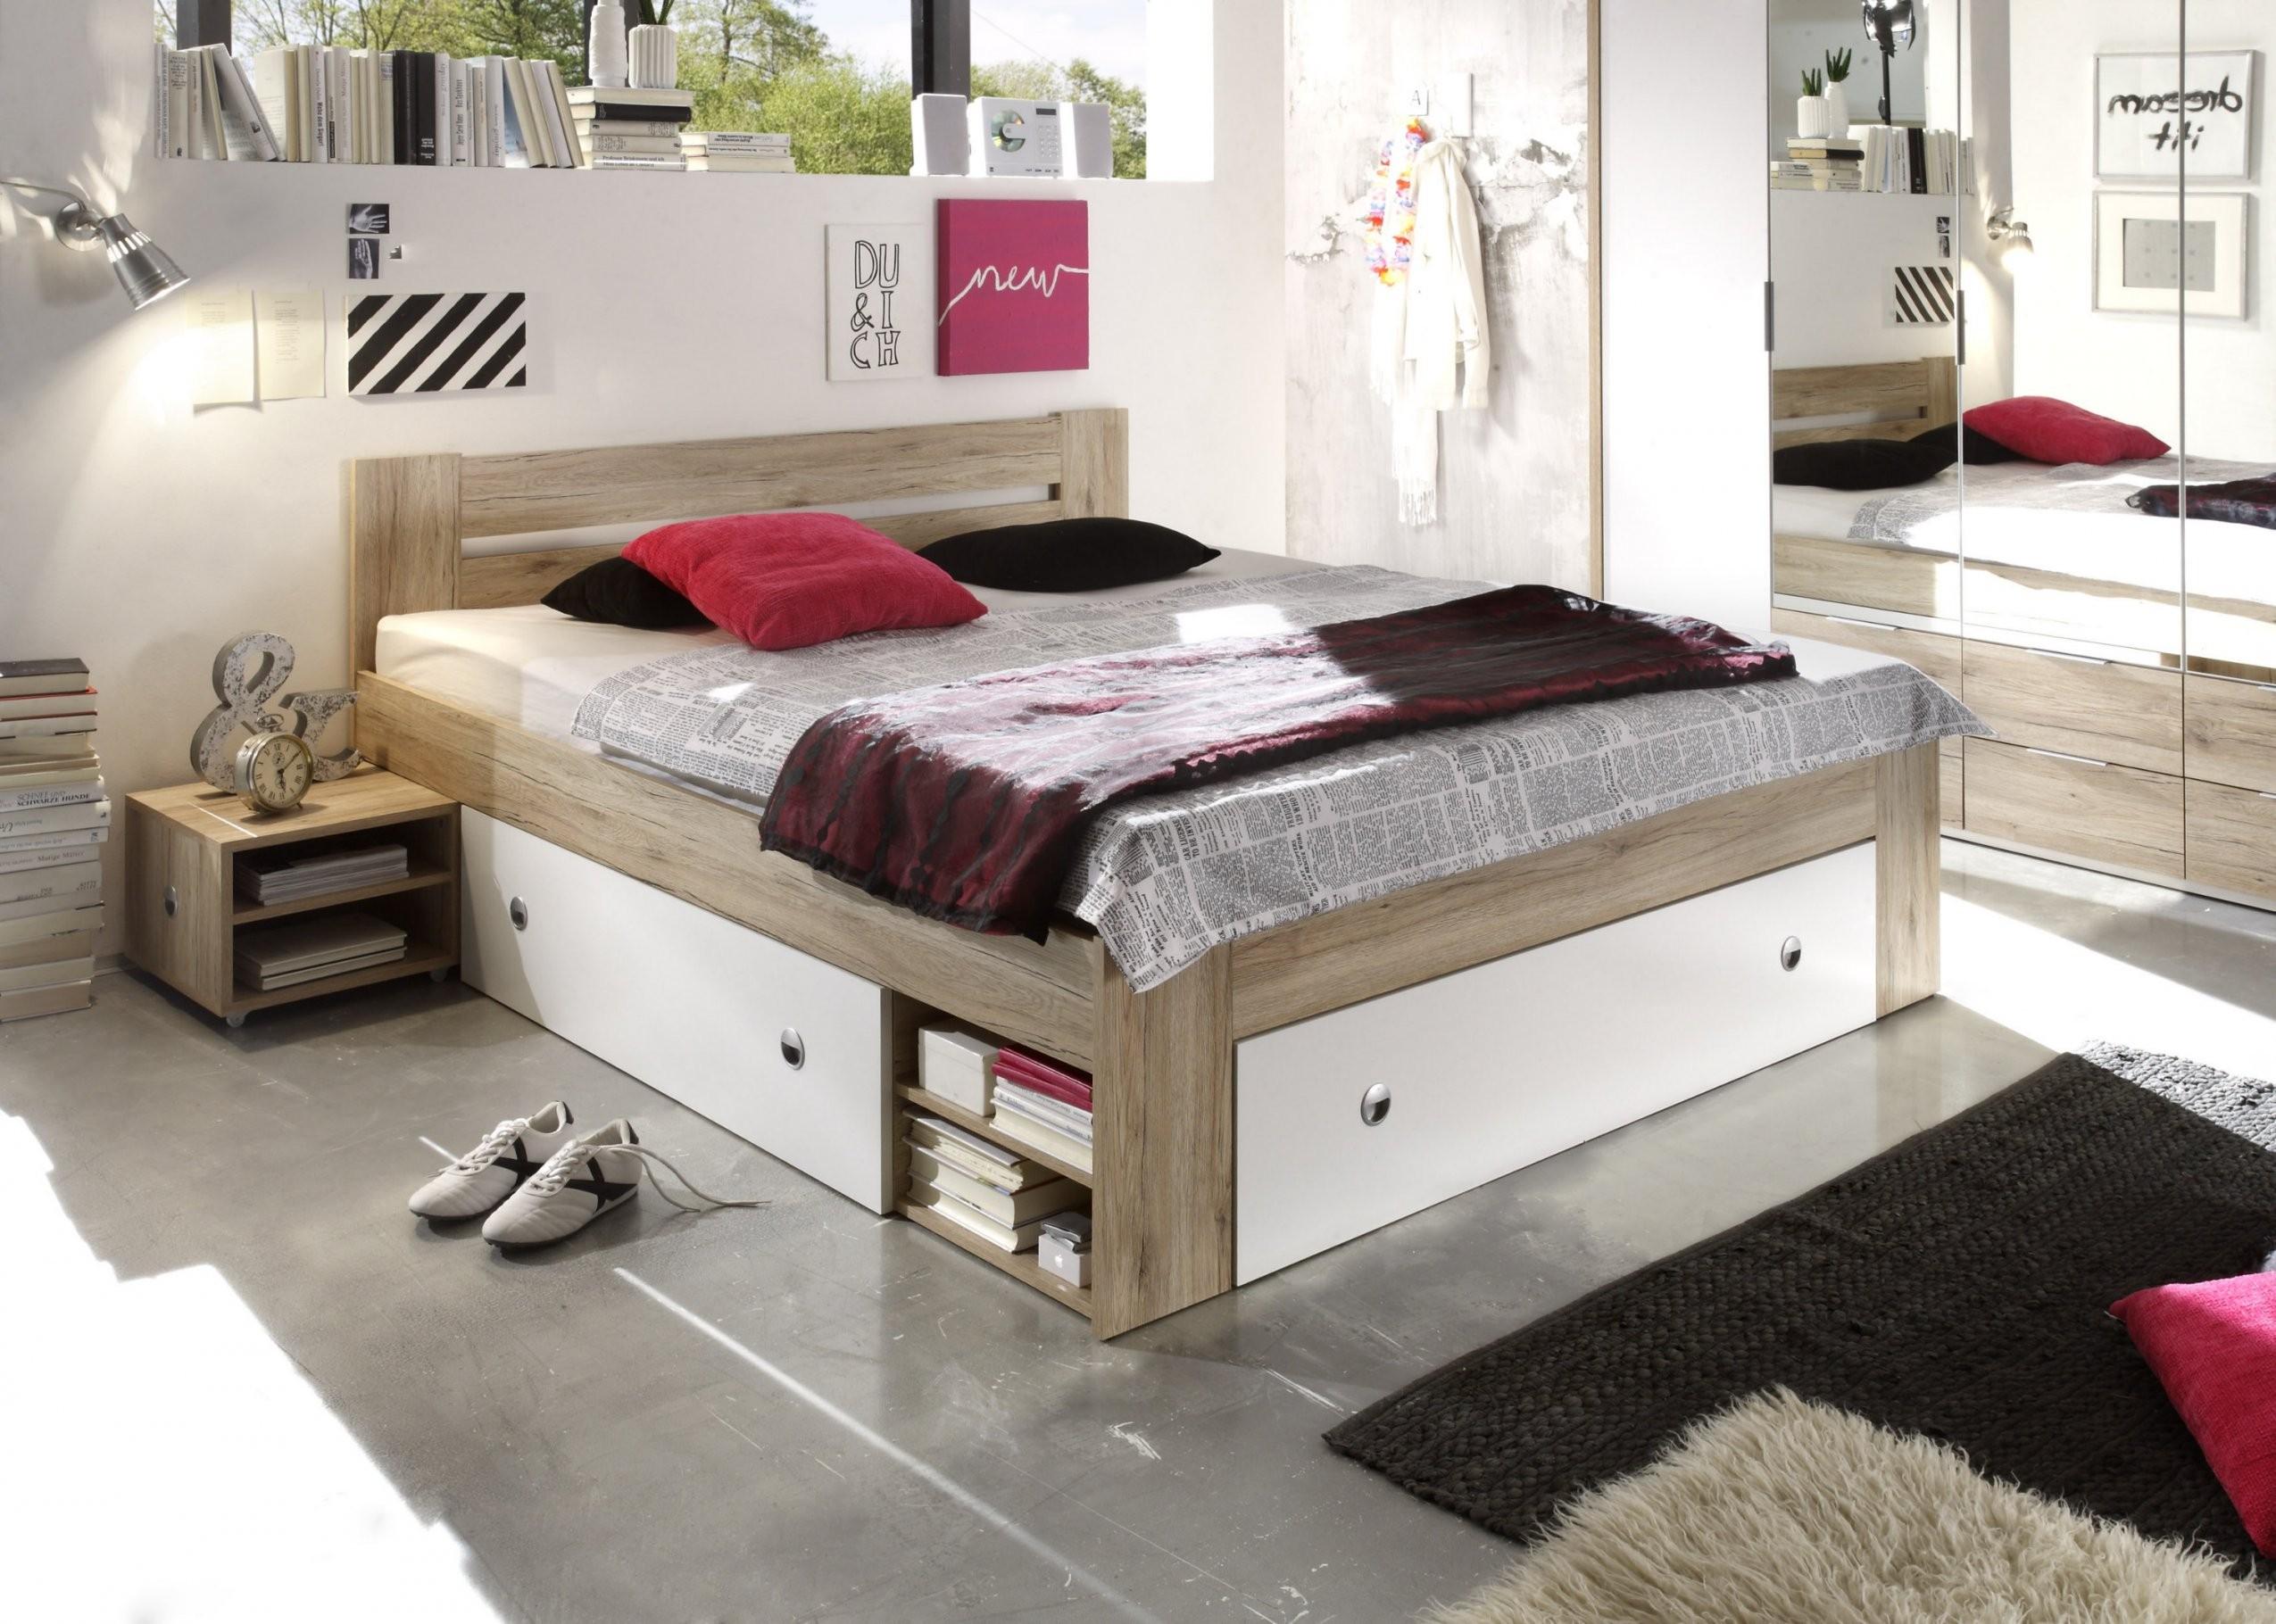 Bett Mit Stauraum 140X200 Ansprechend Auf Kreative Deko Ideen Für von Bett Mit Stauraum 140X200 Bild